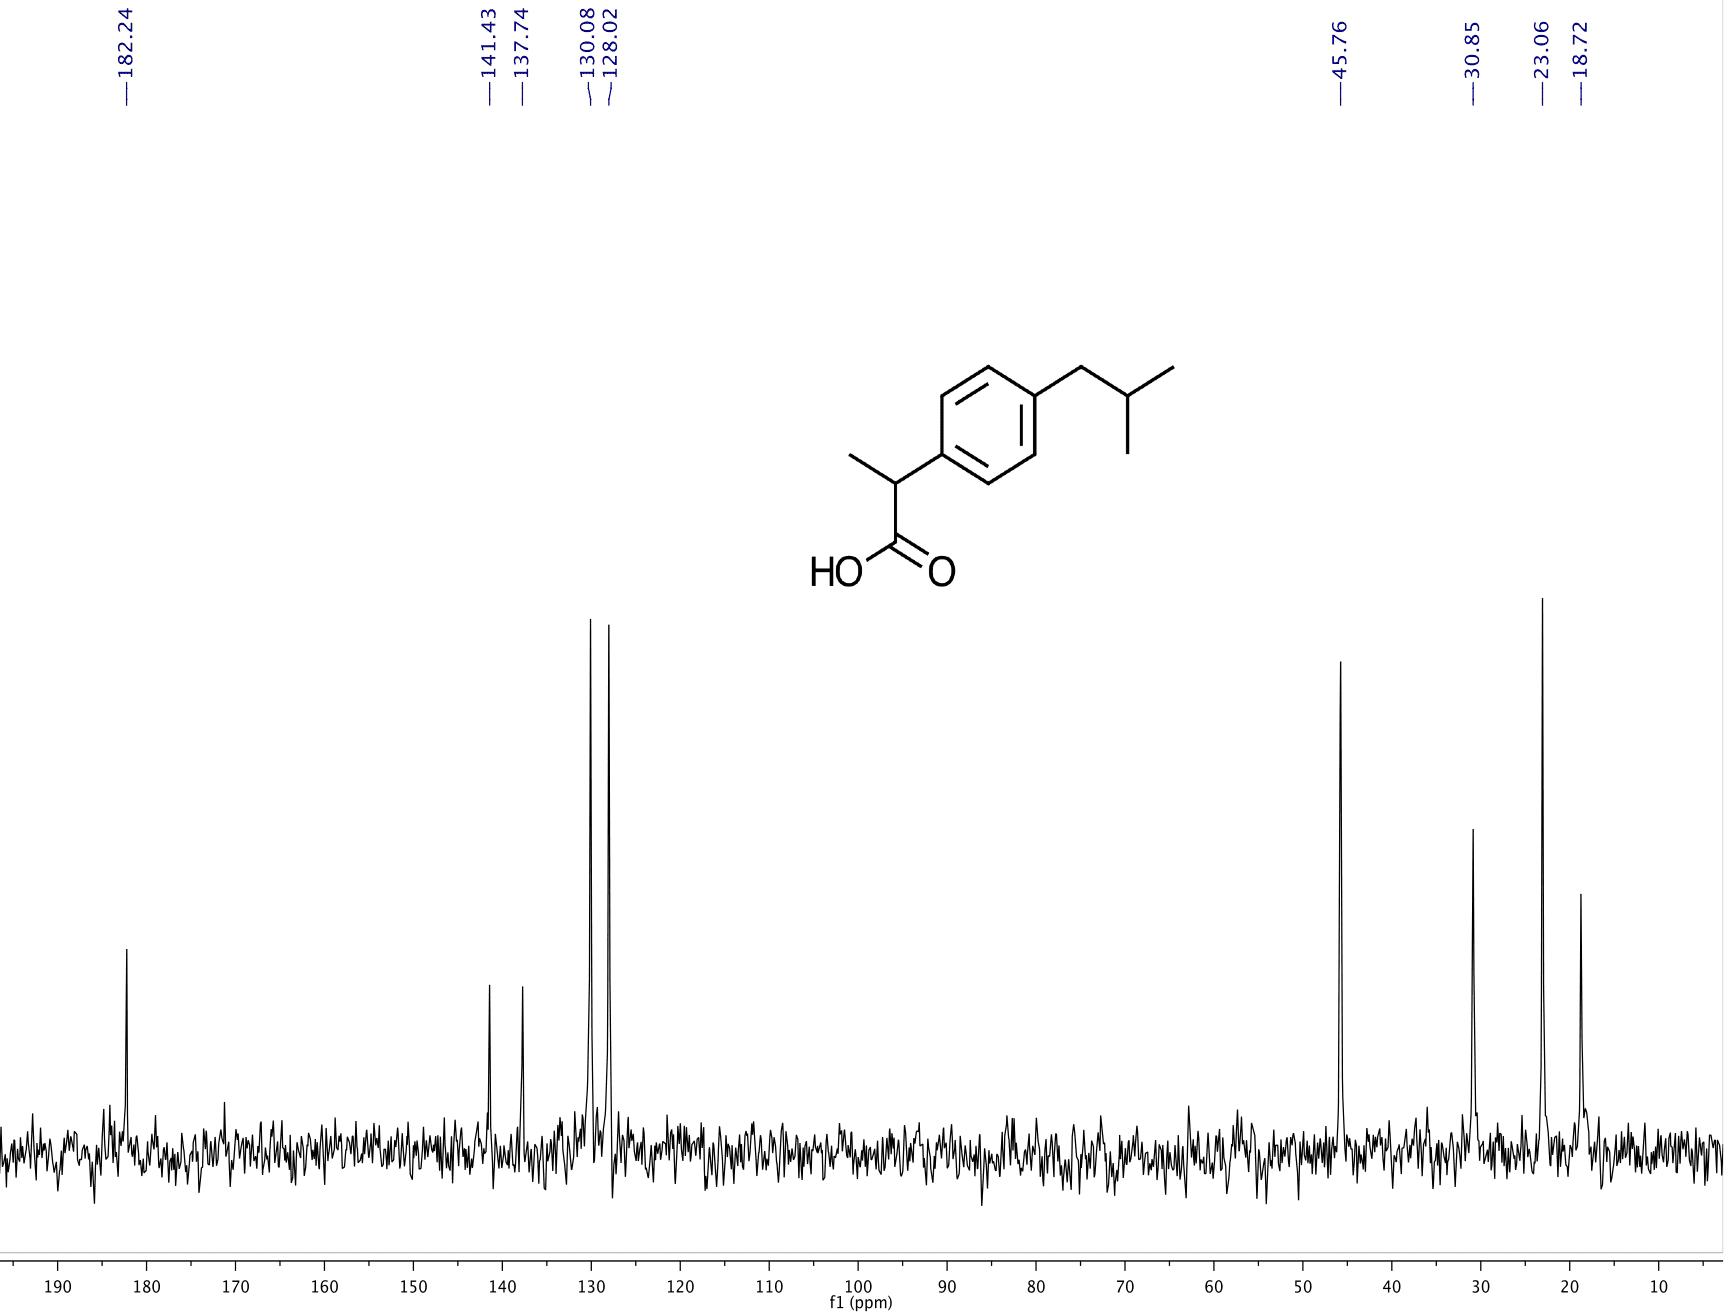 Anasazi Instruments 60MHz 13C spectrum with Ibuprofen molecular structure graph